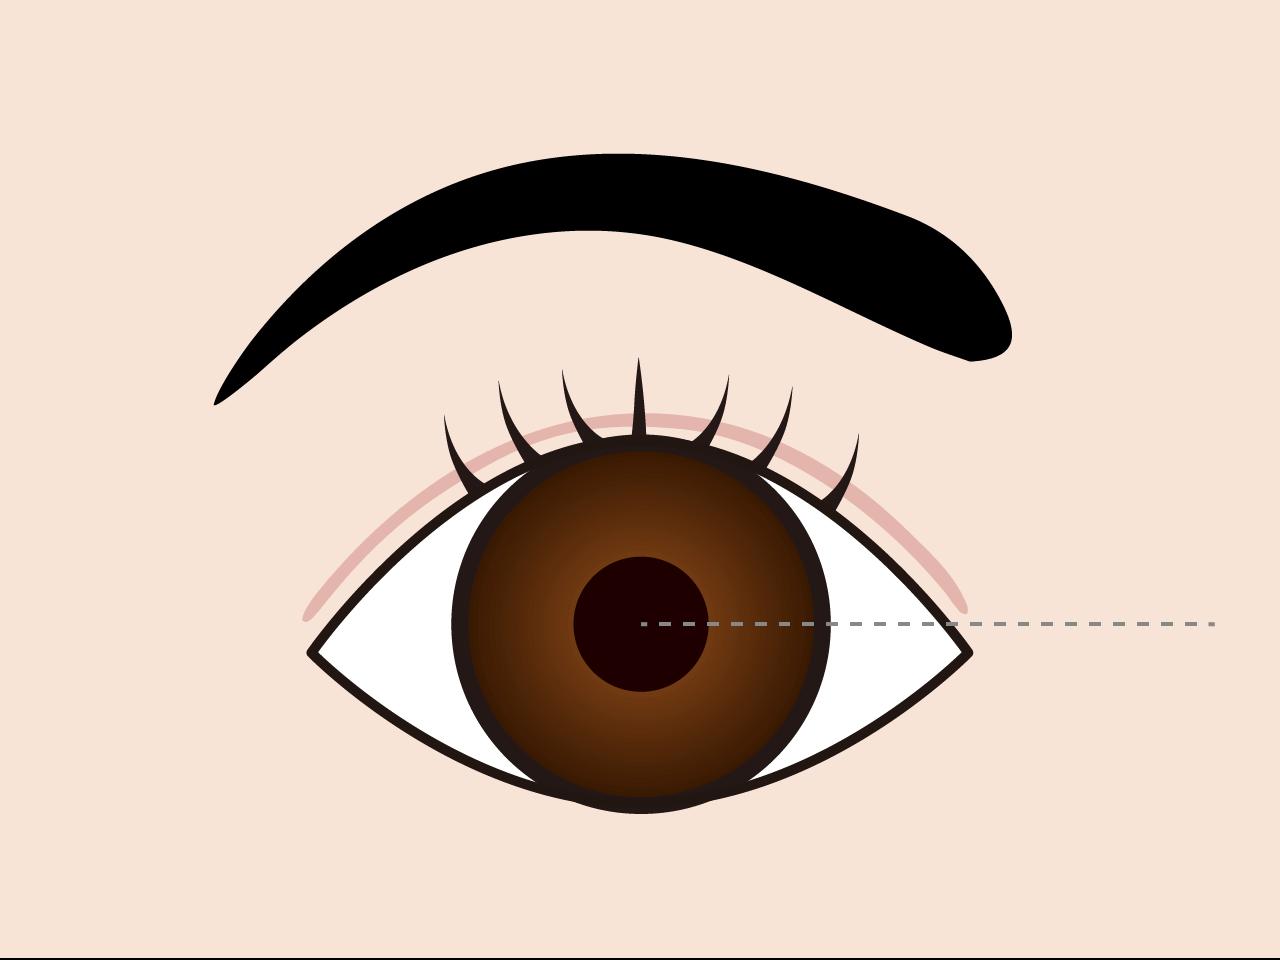 片目 痛い の 奥 目 が